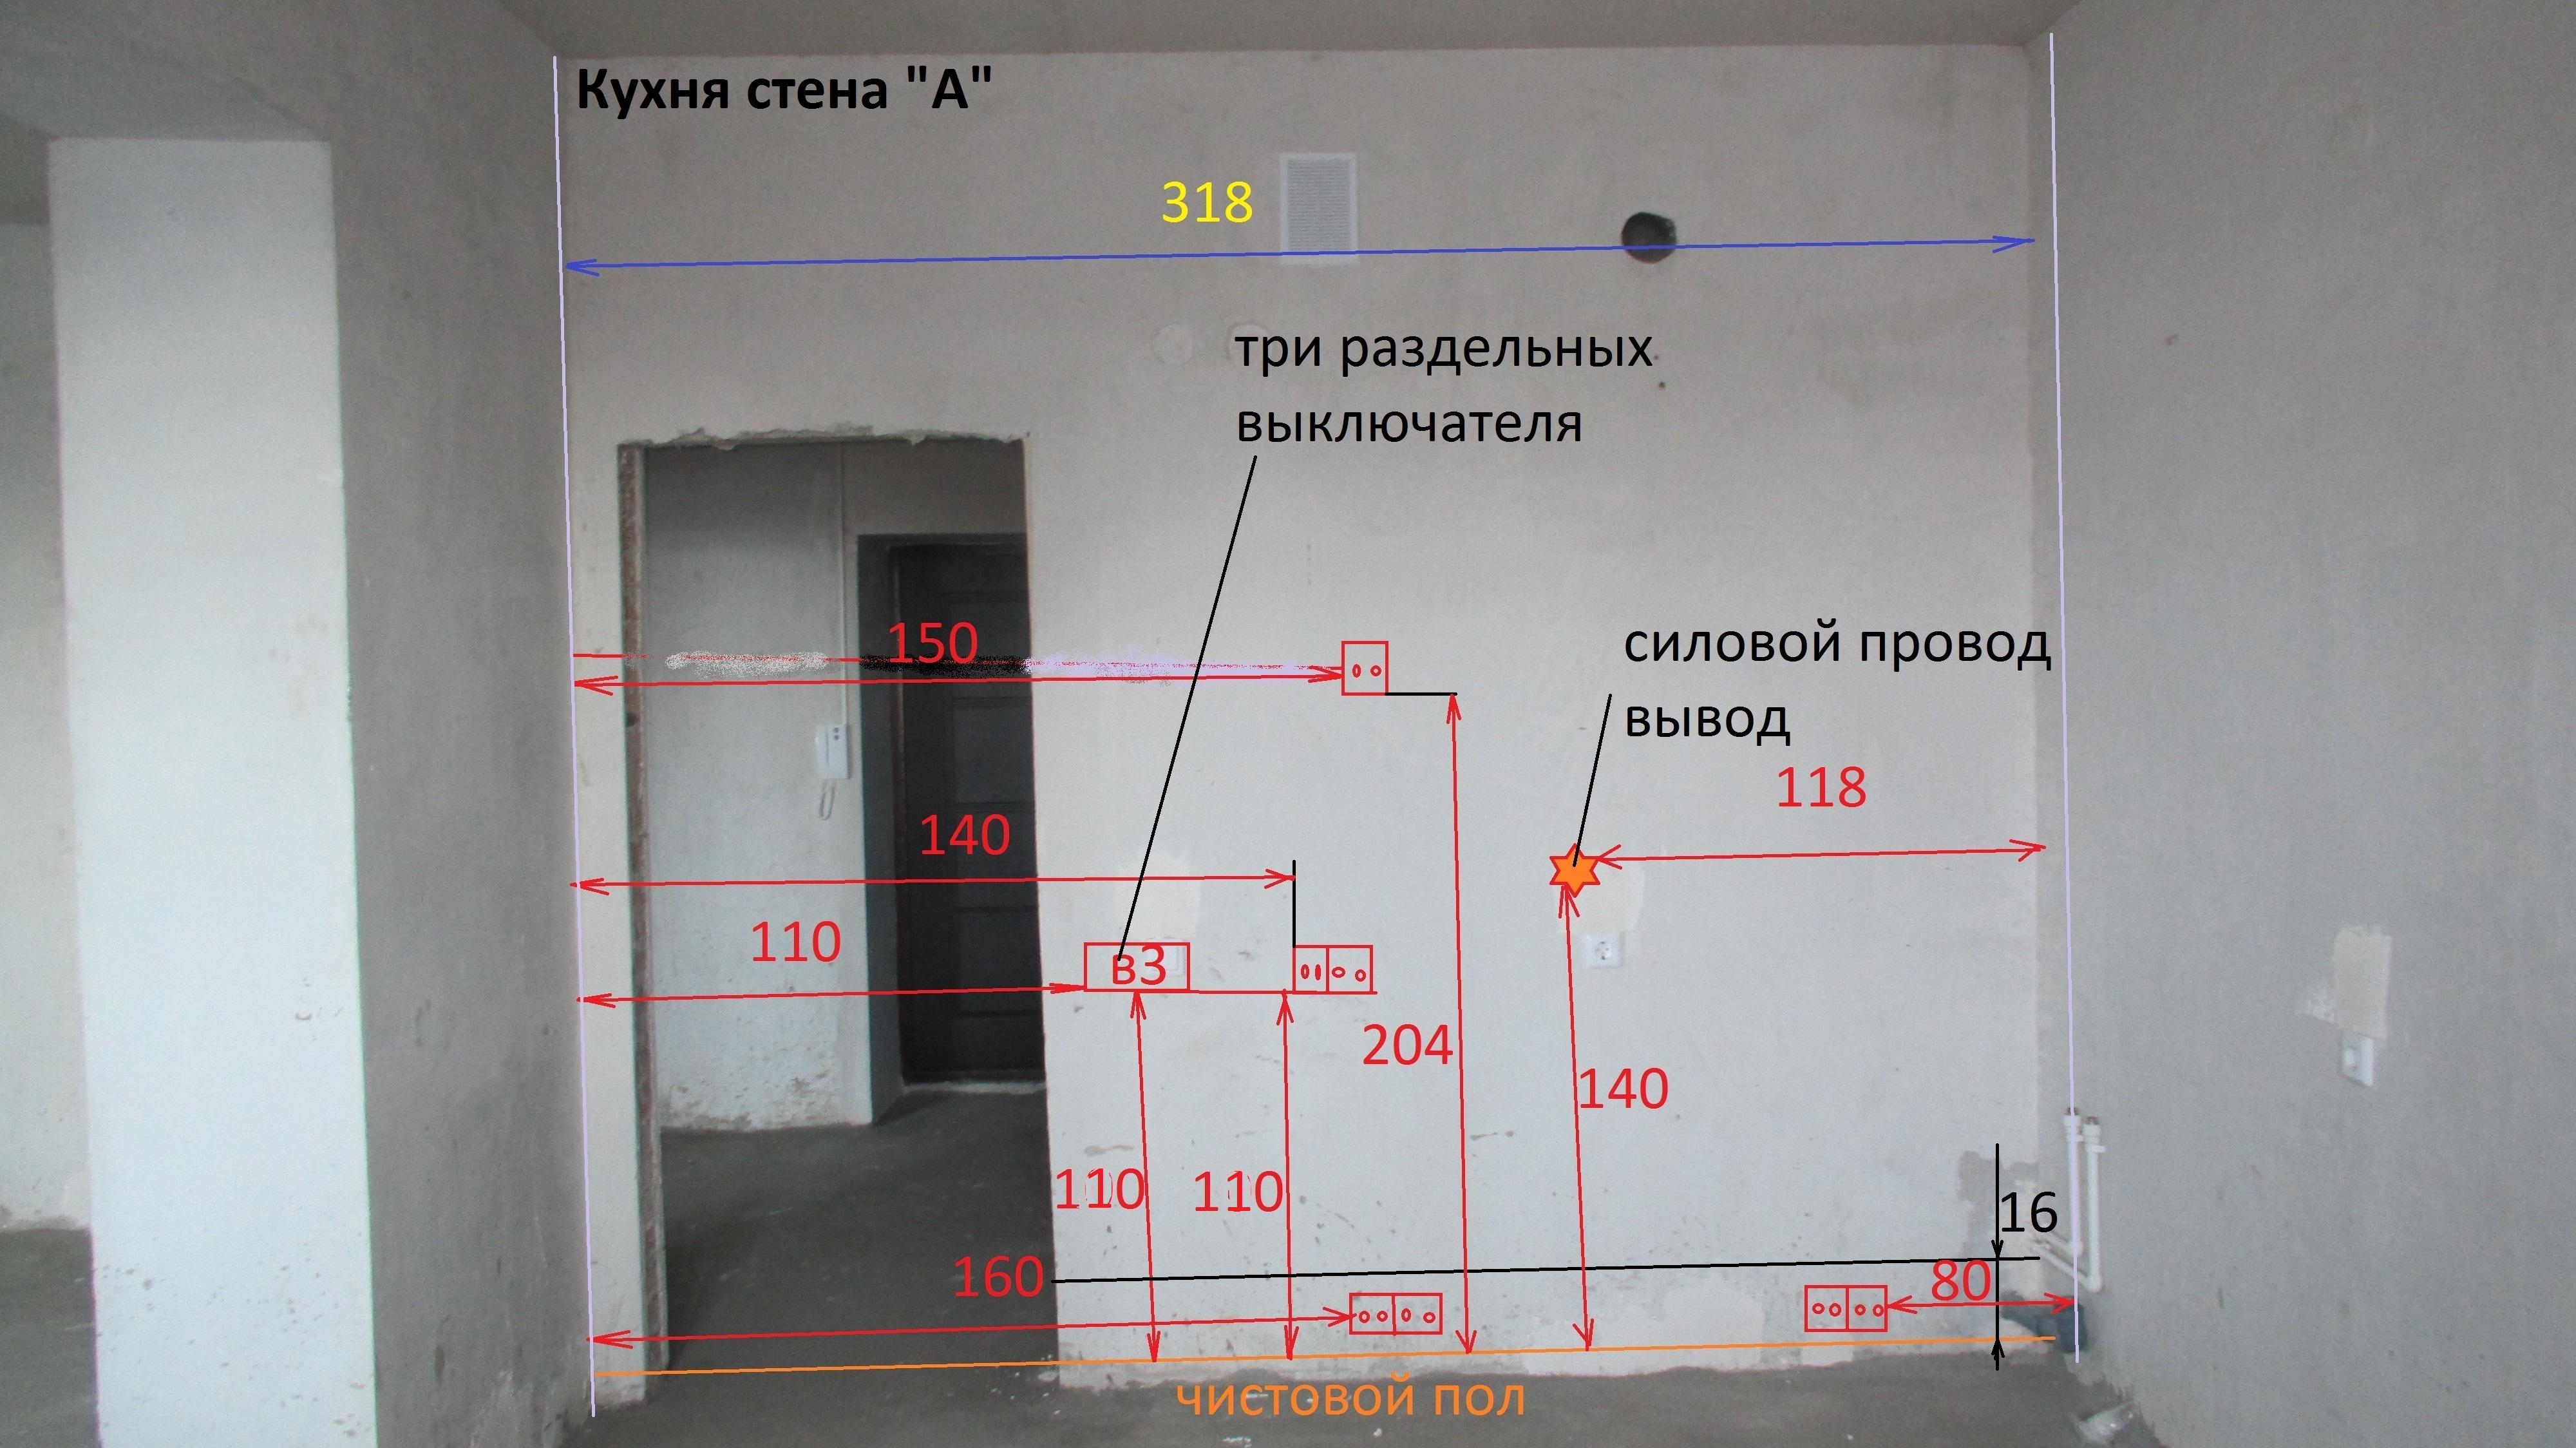 Схема расположения розеток на кухне А